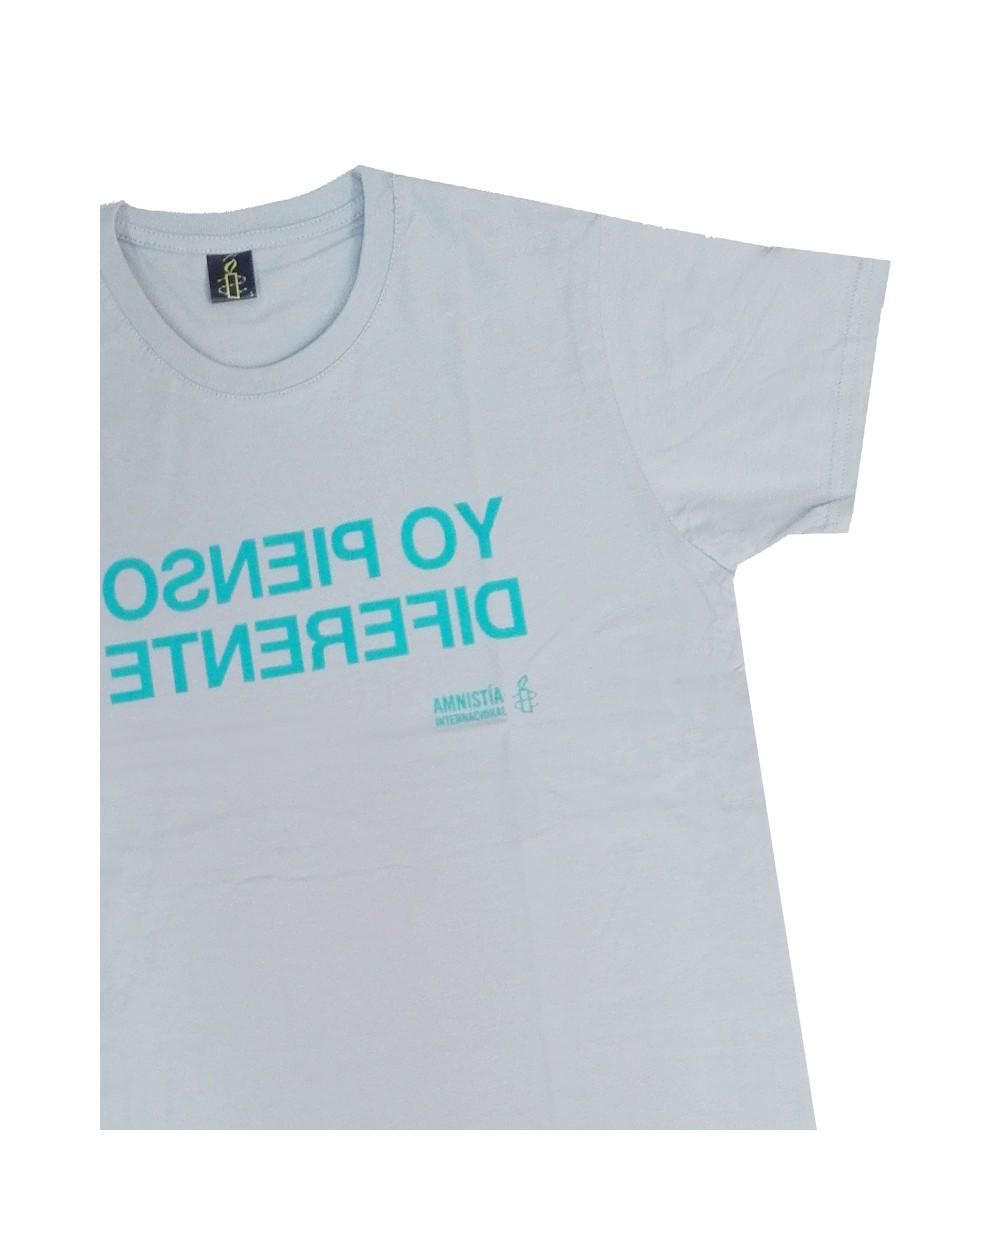 Camiseta con mensaje Yo pienso diferente Amnistía Internacional